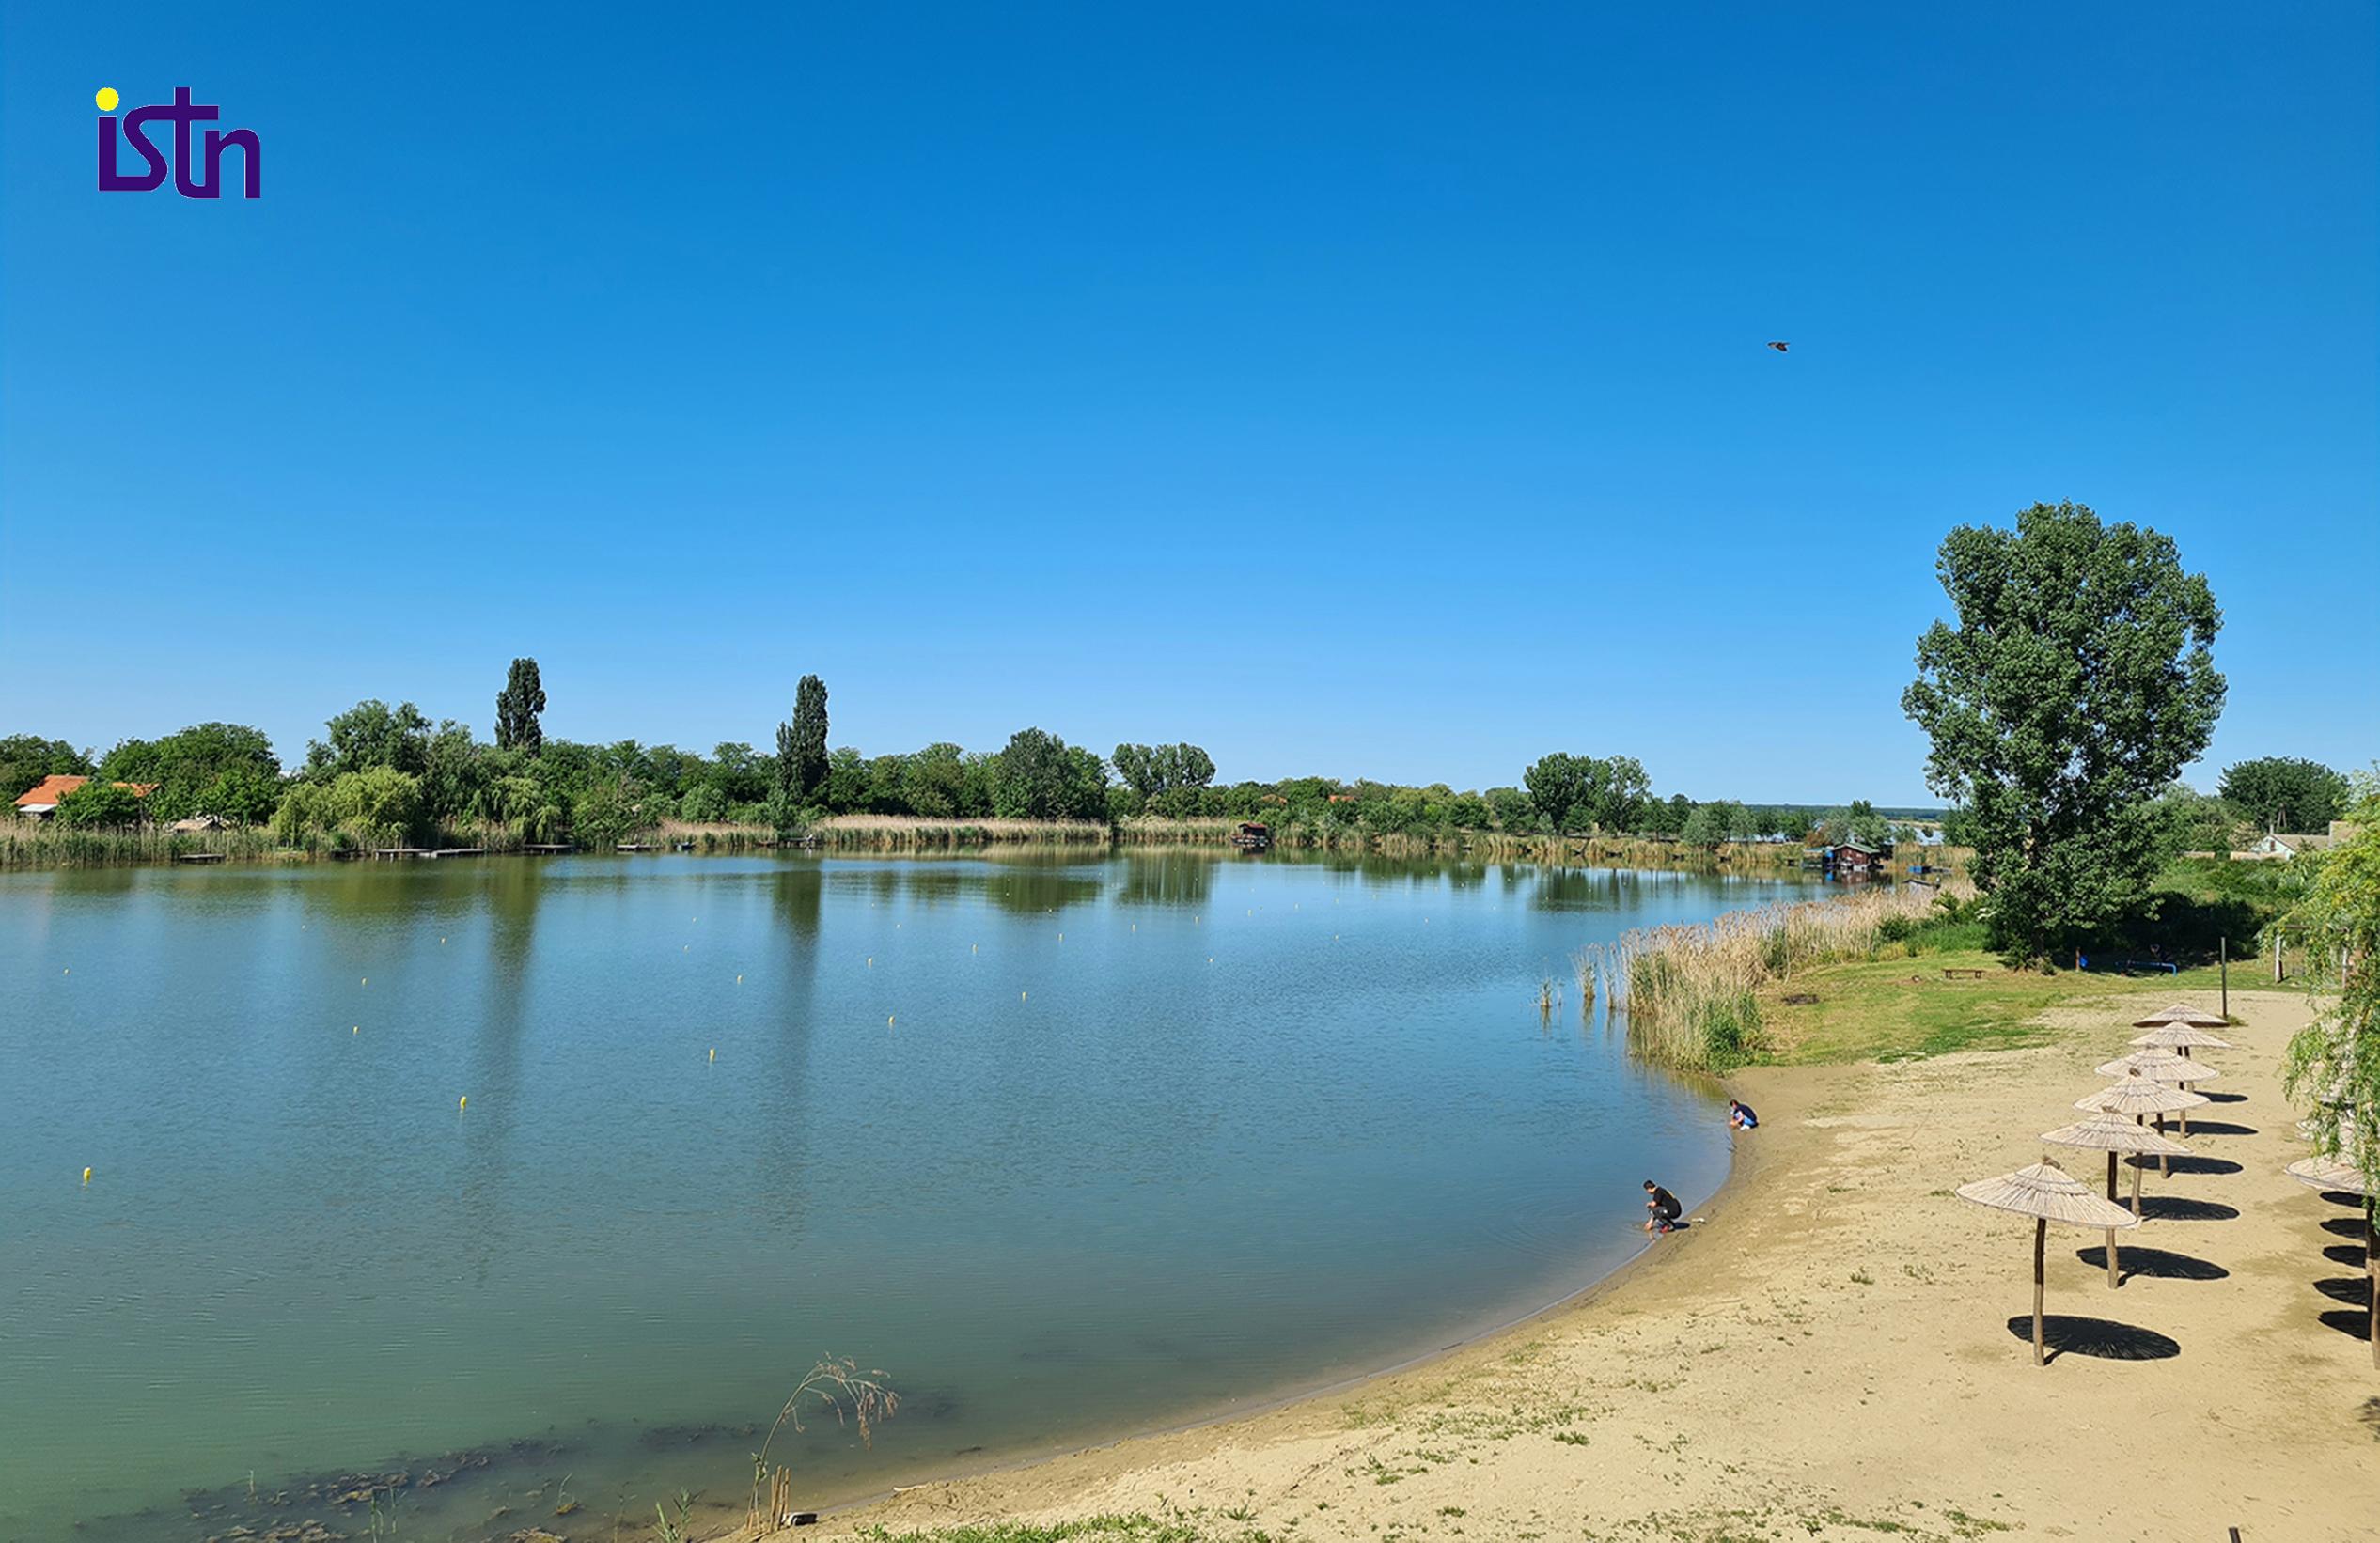 Park prirode STARA TISA, ISTN